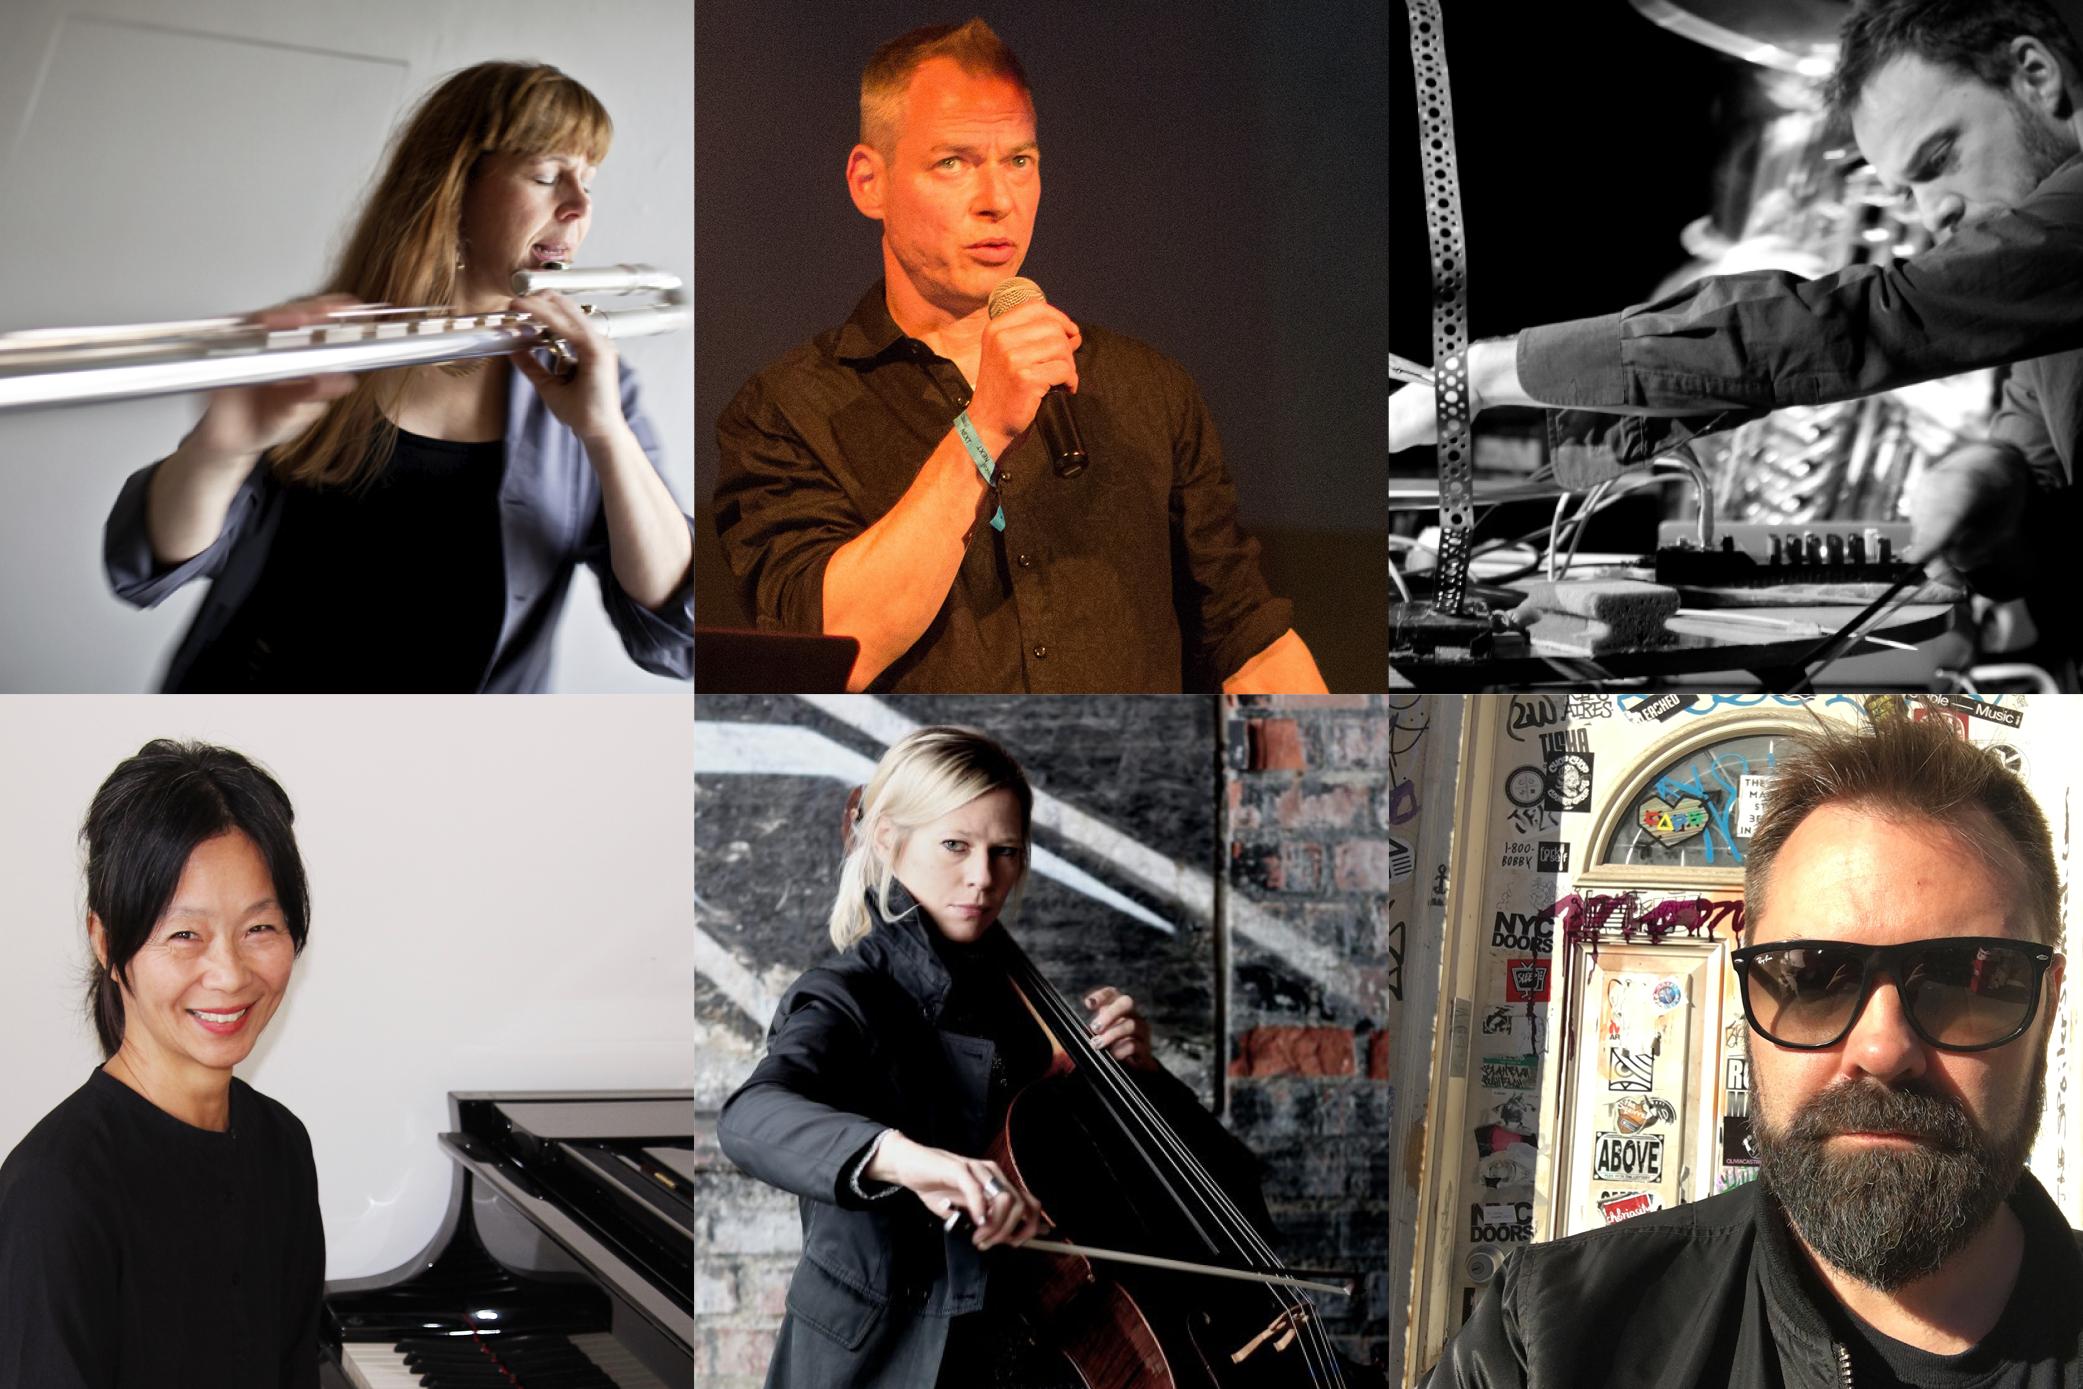 GAHLMM: Anna Svensdotter – flöjt, George Kentros – violin, Henrik Olsson – slagverk, Lisa Ullén – piano (©Helena Byström), My Hellgren – cello, Mattias Petersson – buchla och el. Källa:  RANK